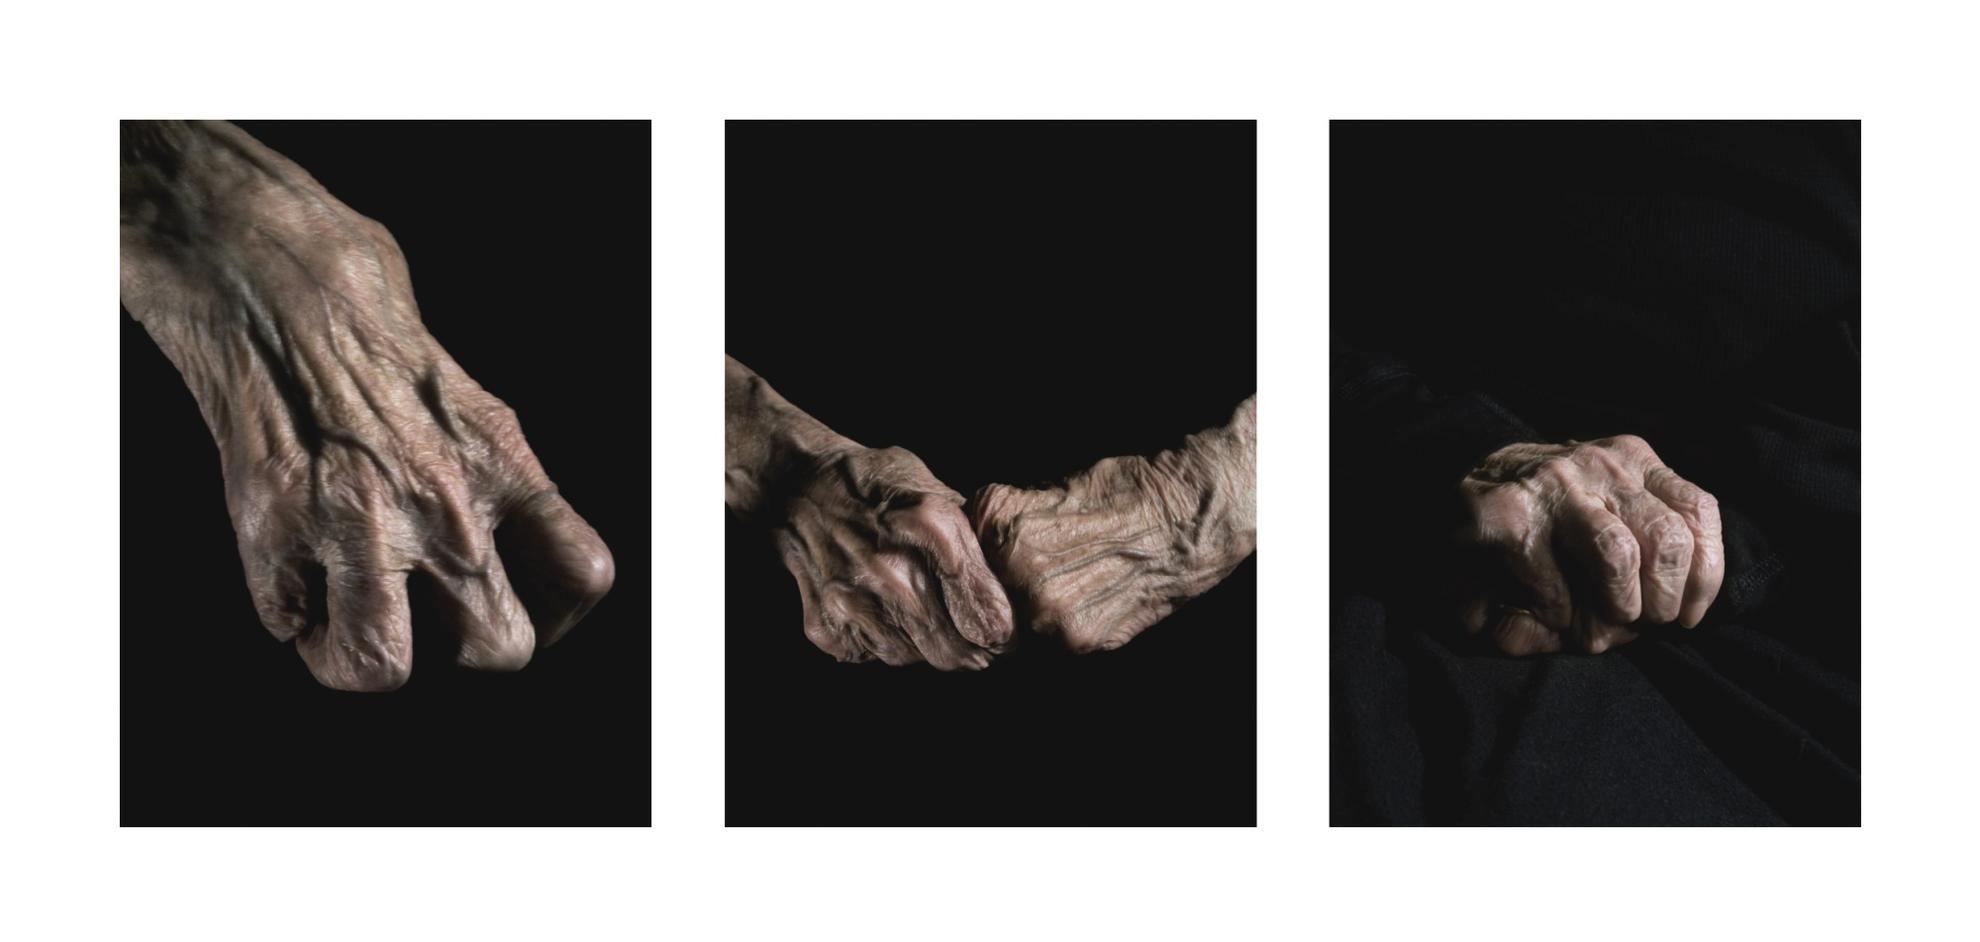 Alex Van Gelder - Armed Forces (Triptych), 2010-2010